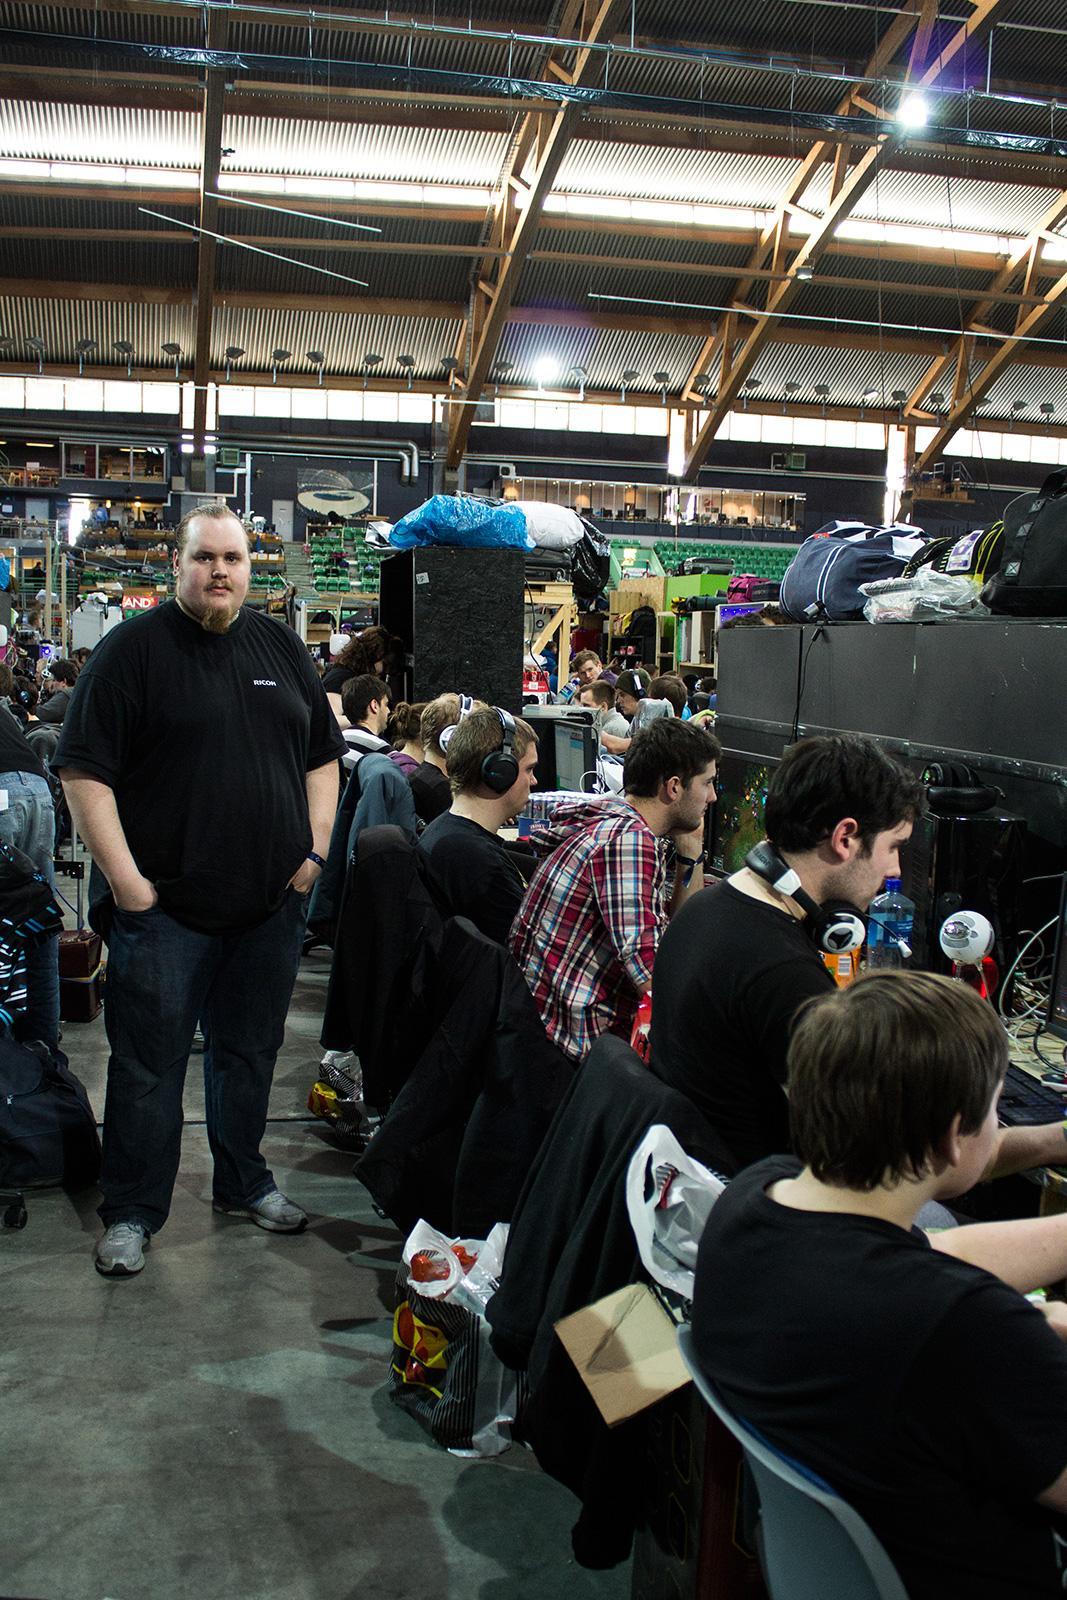 Jon Erik Engevold, til venstre, har organisert Hardware-rekka på The Gathering de siste årene.Foto: Varg Aamo, hardware.no